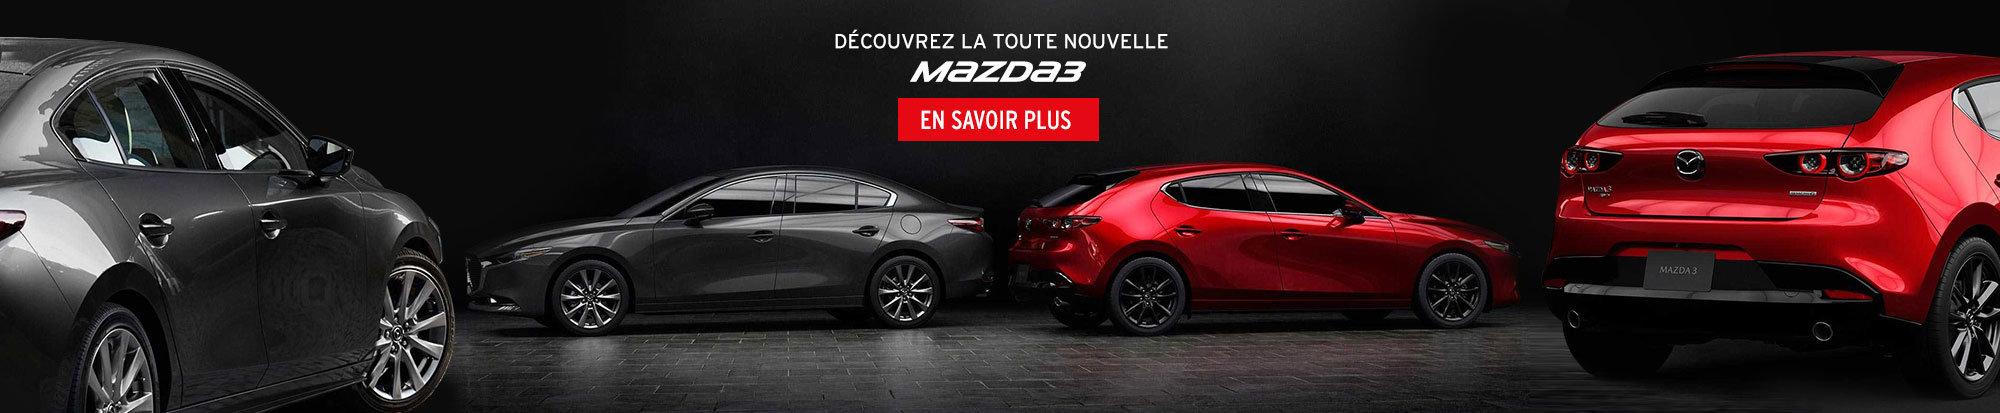 La toute nouvelle Mazda 3